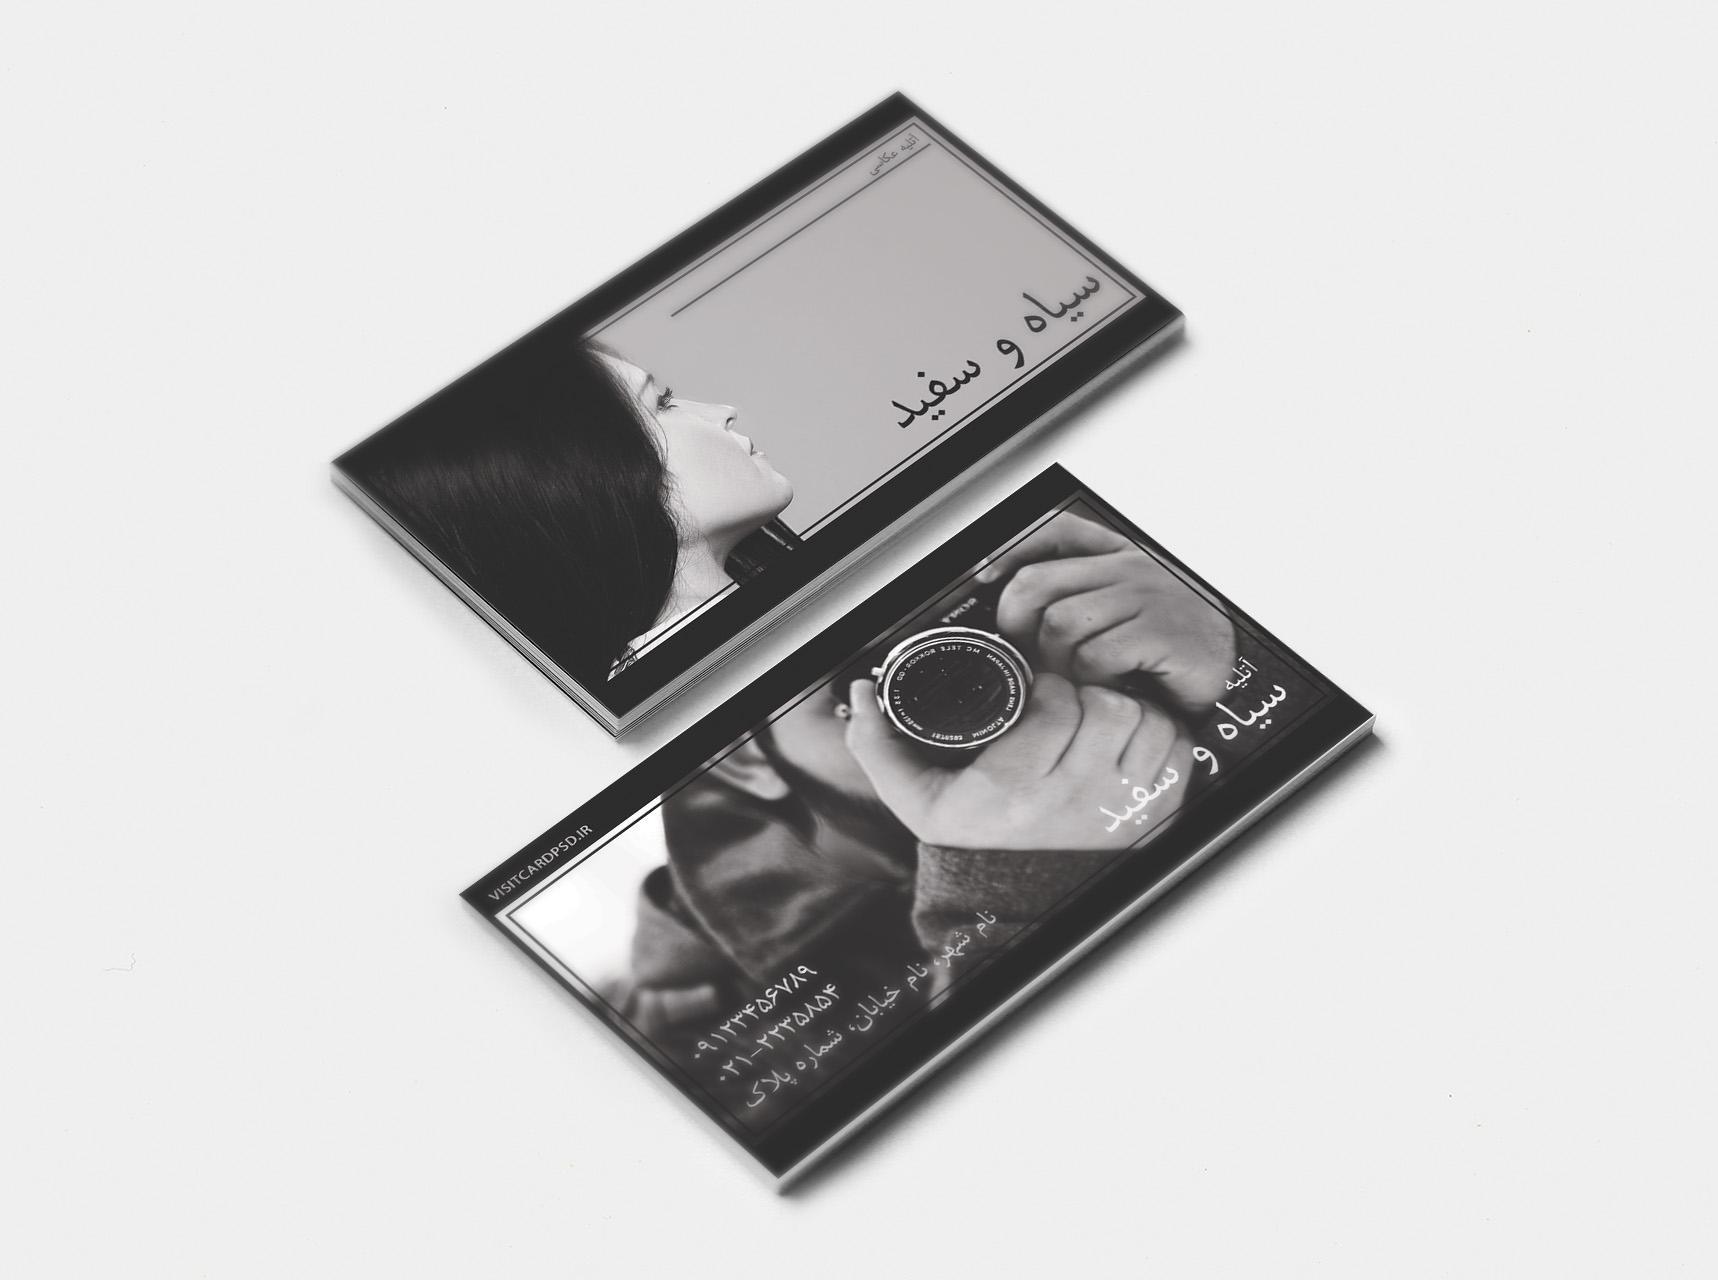 دانلود و طراحی فایل لایه باز کارت ویزیت آتلیه سیاه و سفید